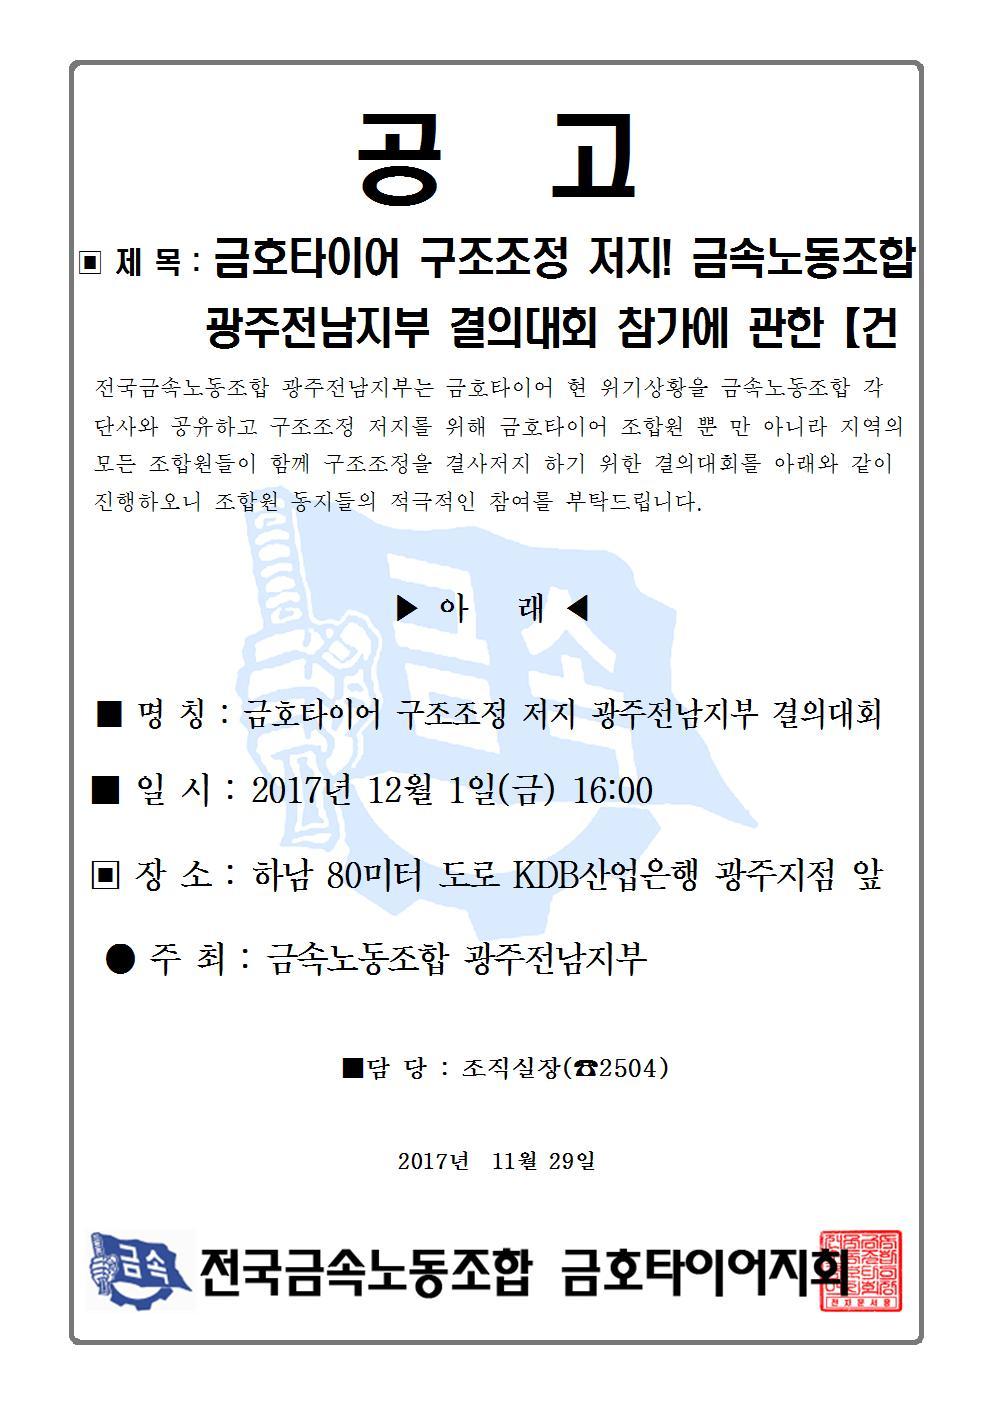 광주전남지부 결의대회 참가공고001.jpg